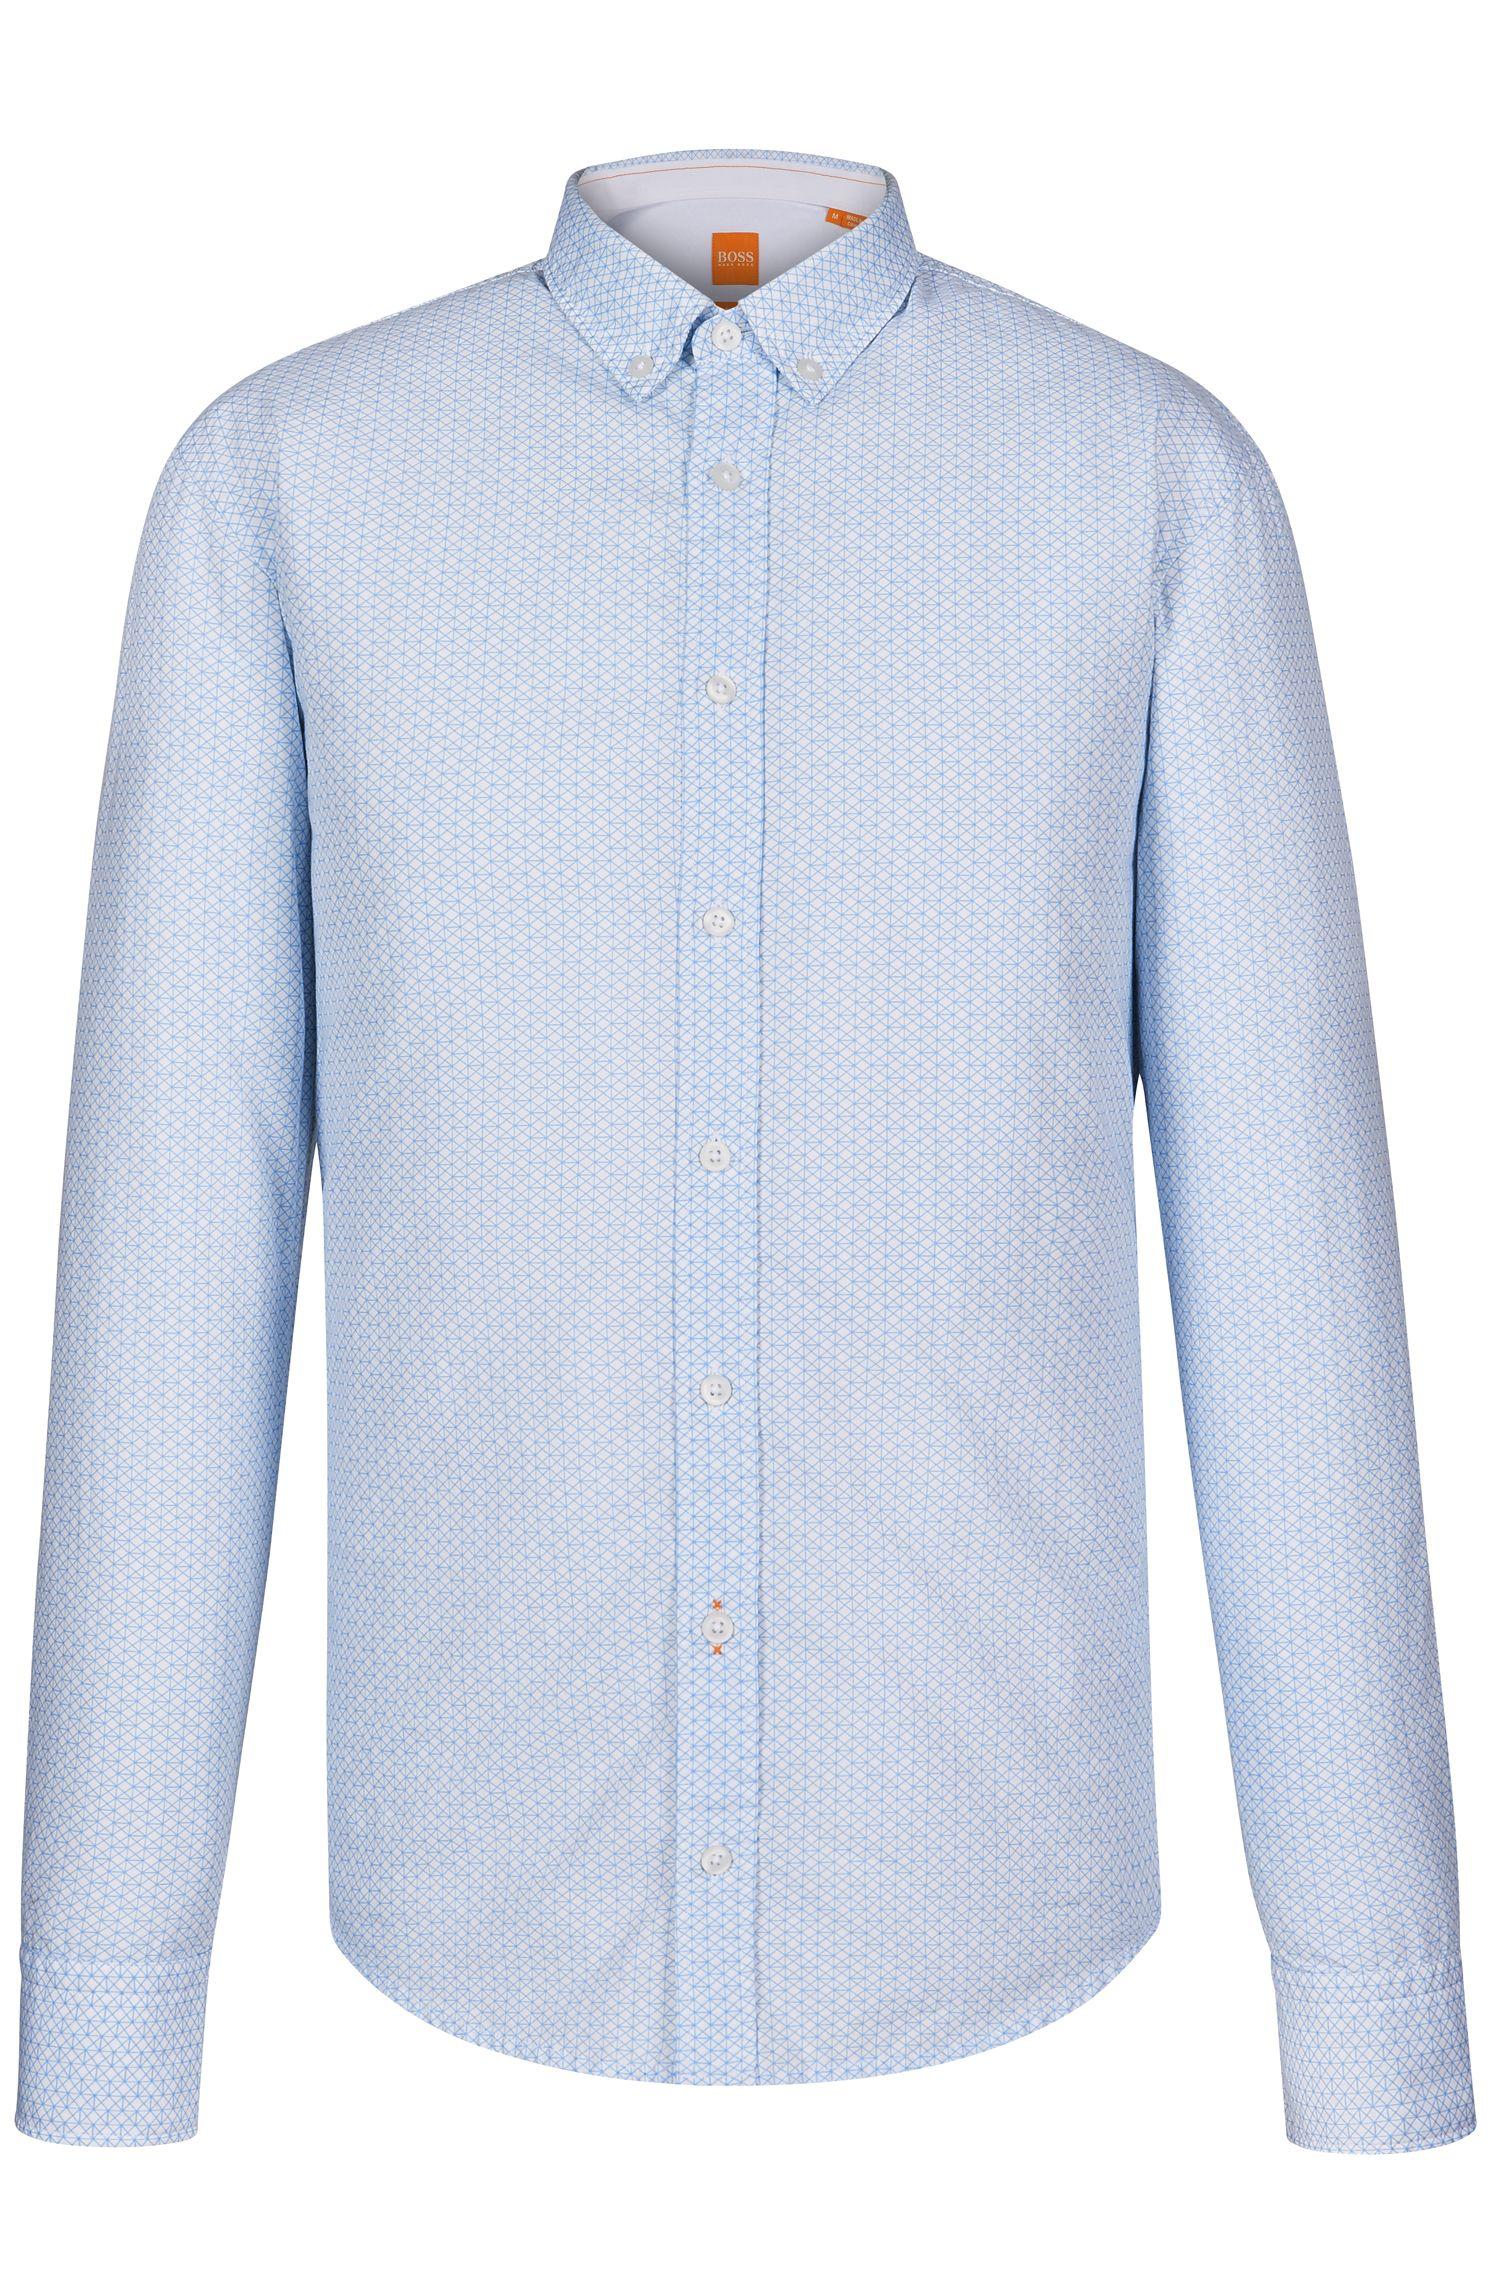 'EdipoE'   Slim Fit, Cotton Button Down Shirt